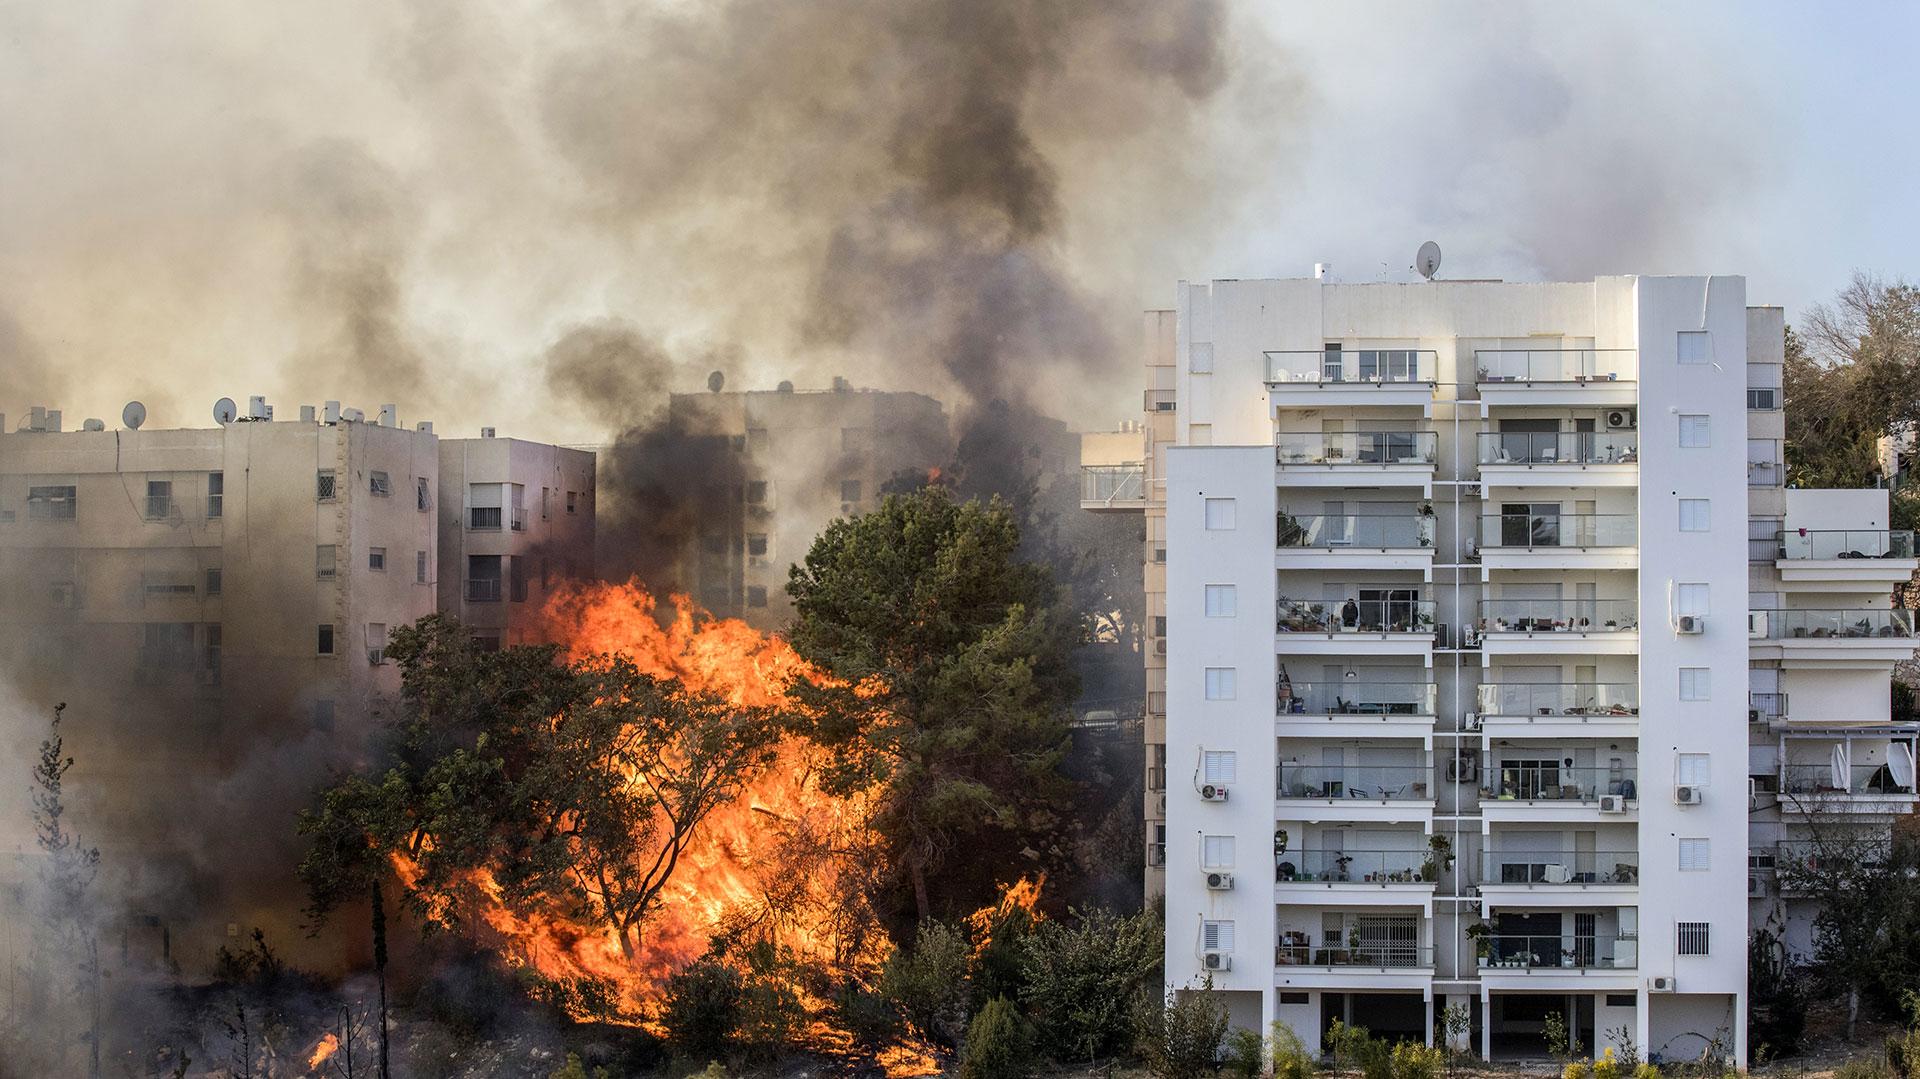 Las autoridades están investigando el origen de los incendios. Se cree que varios son de origen criminal (AFP)